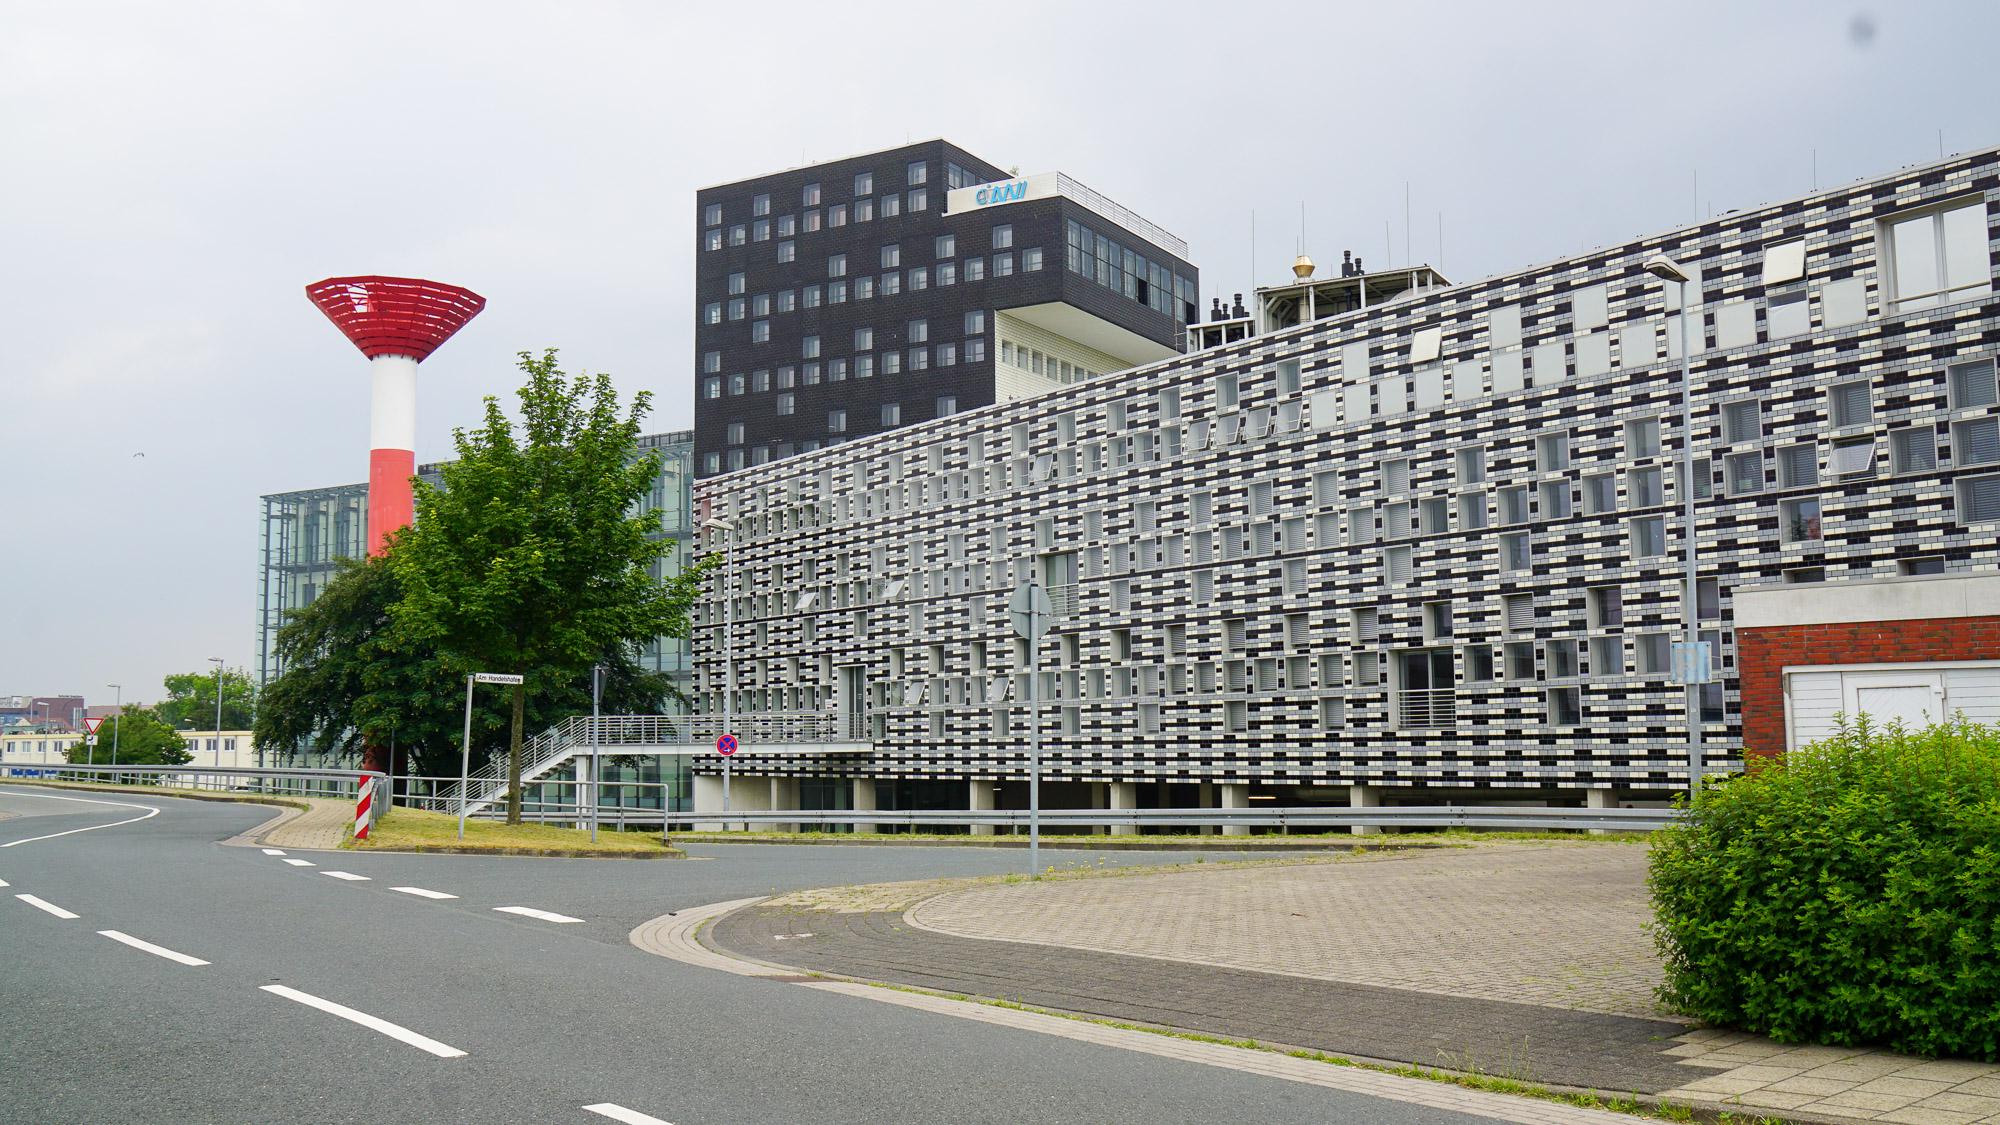 Technisch anmutendes Gebäude mit schwarzweiß gestalteter Fassade